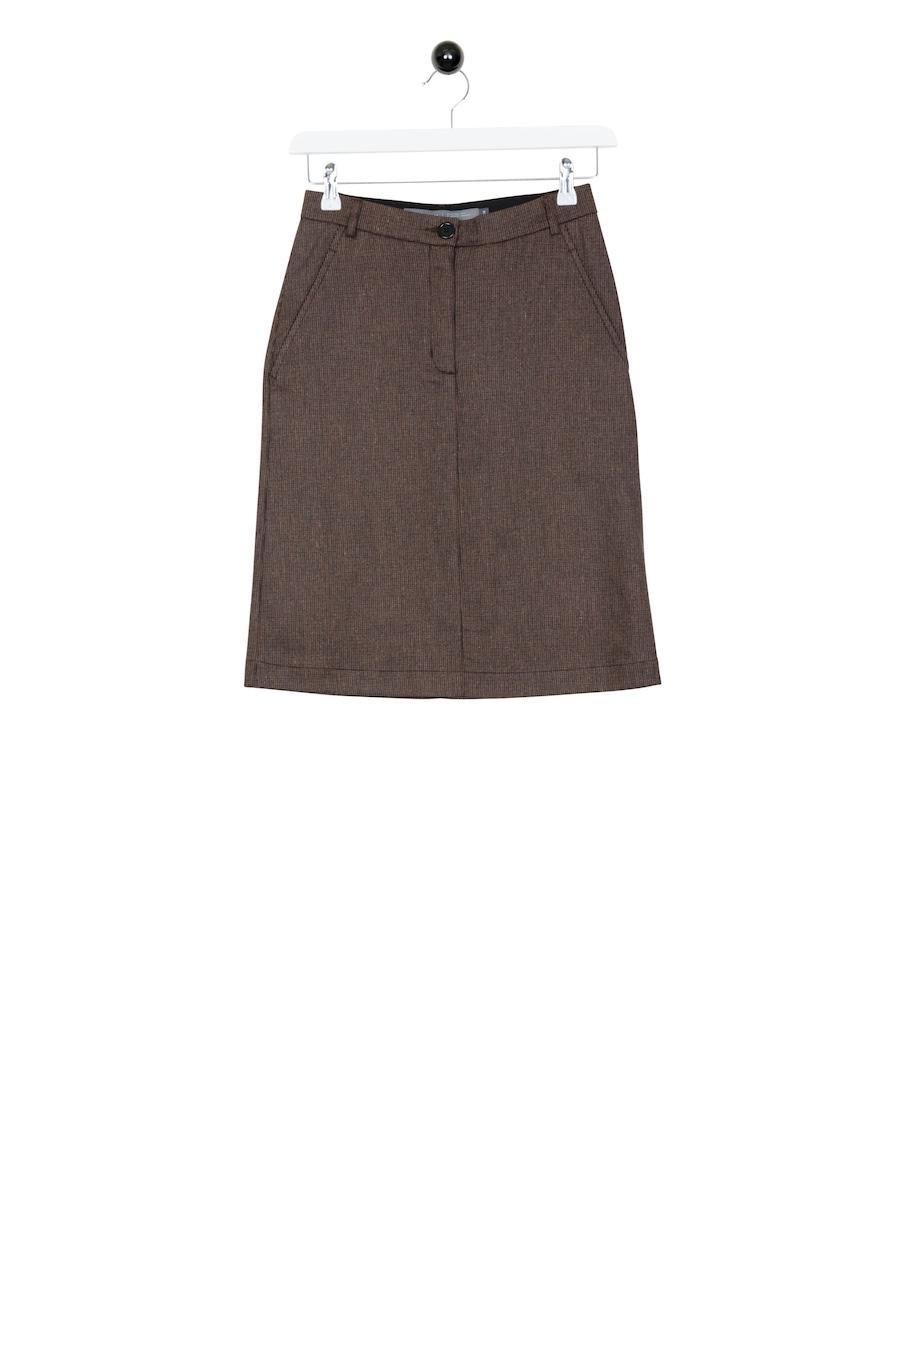 Glendale Skirt